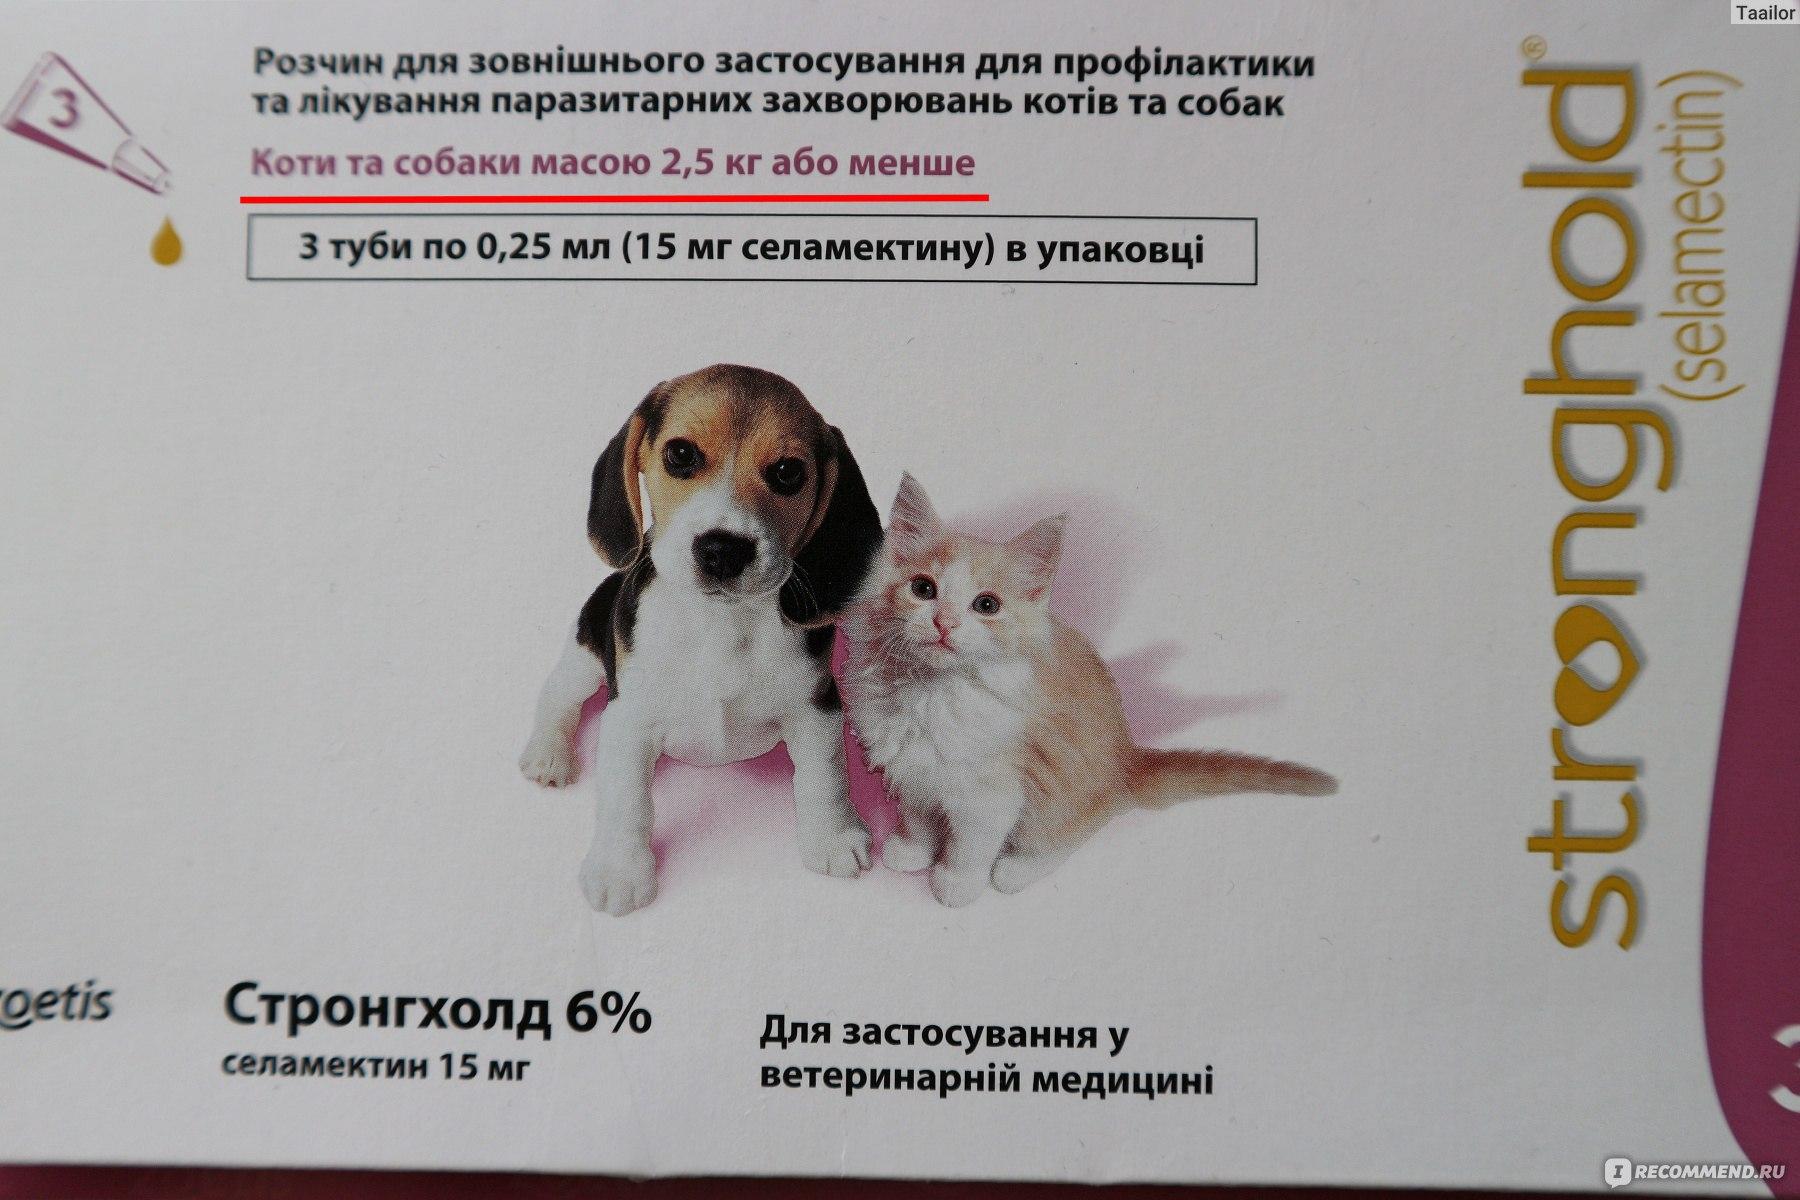 Прививки против клещей для собак: насколько эффективна вакцинация против инфекционных заболеваний